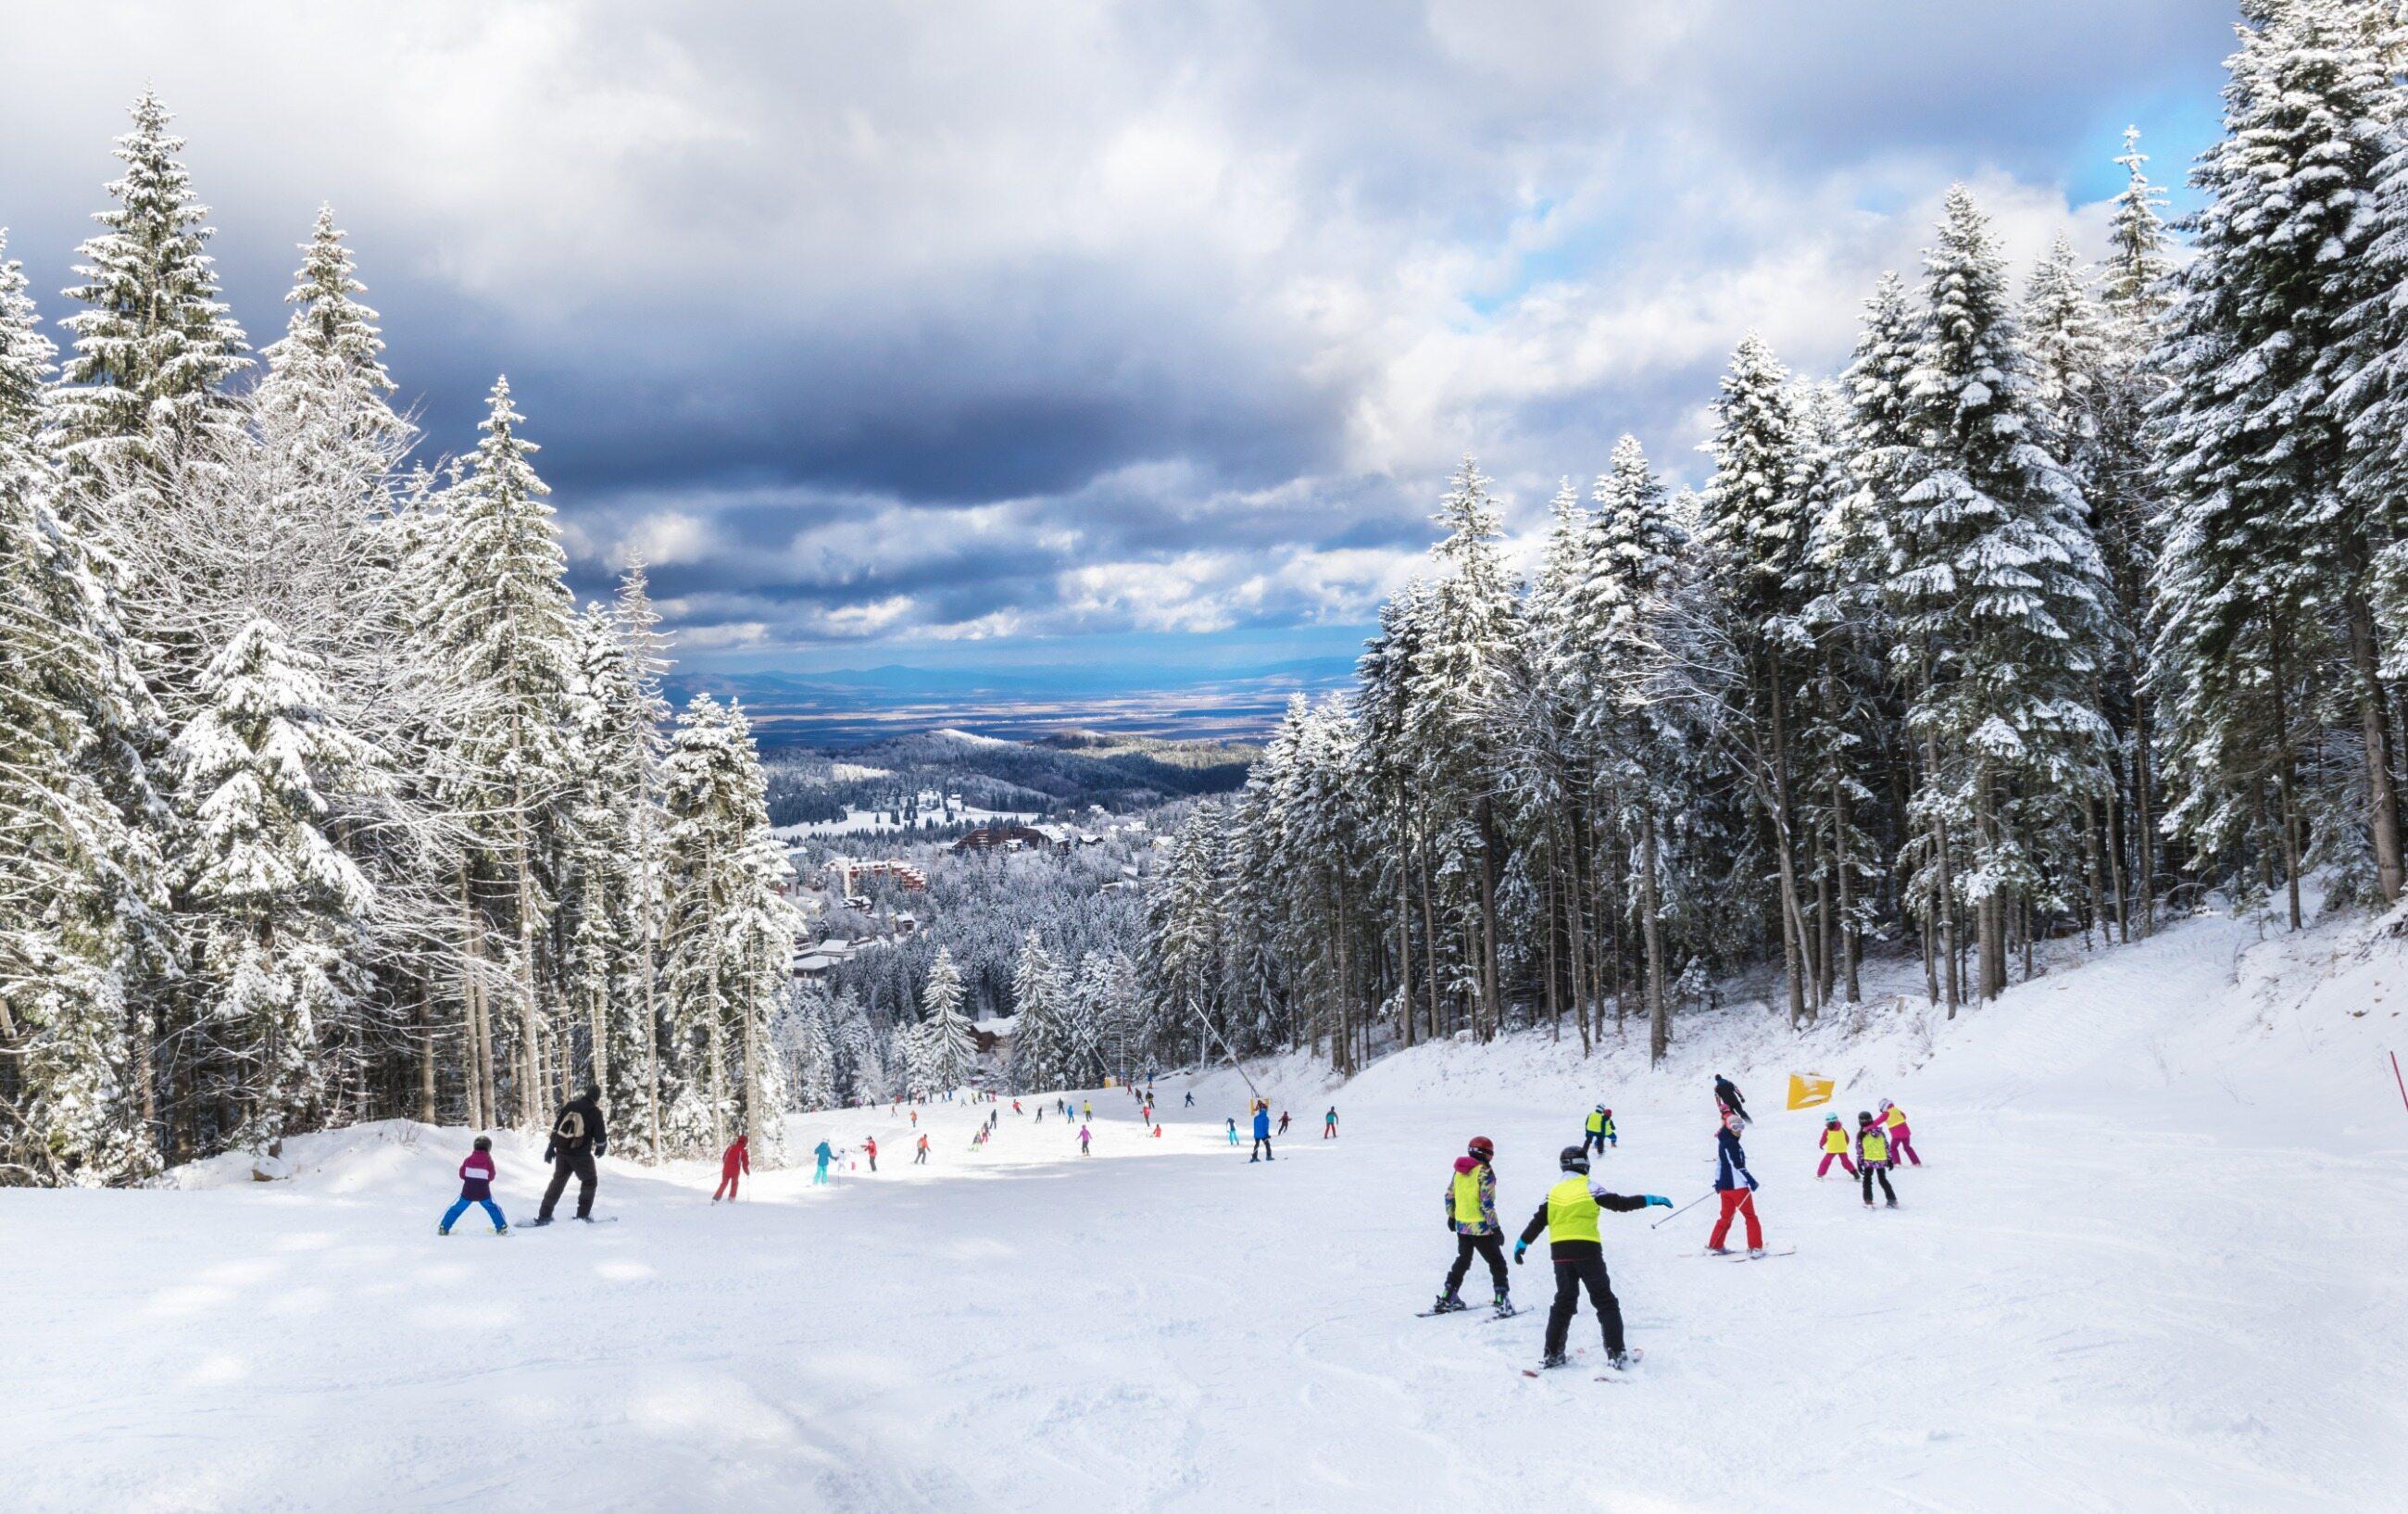 Stok narciarski, zdjęcie ilustracyjne